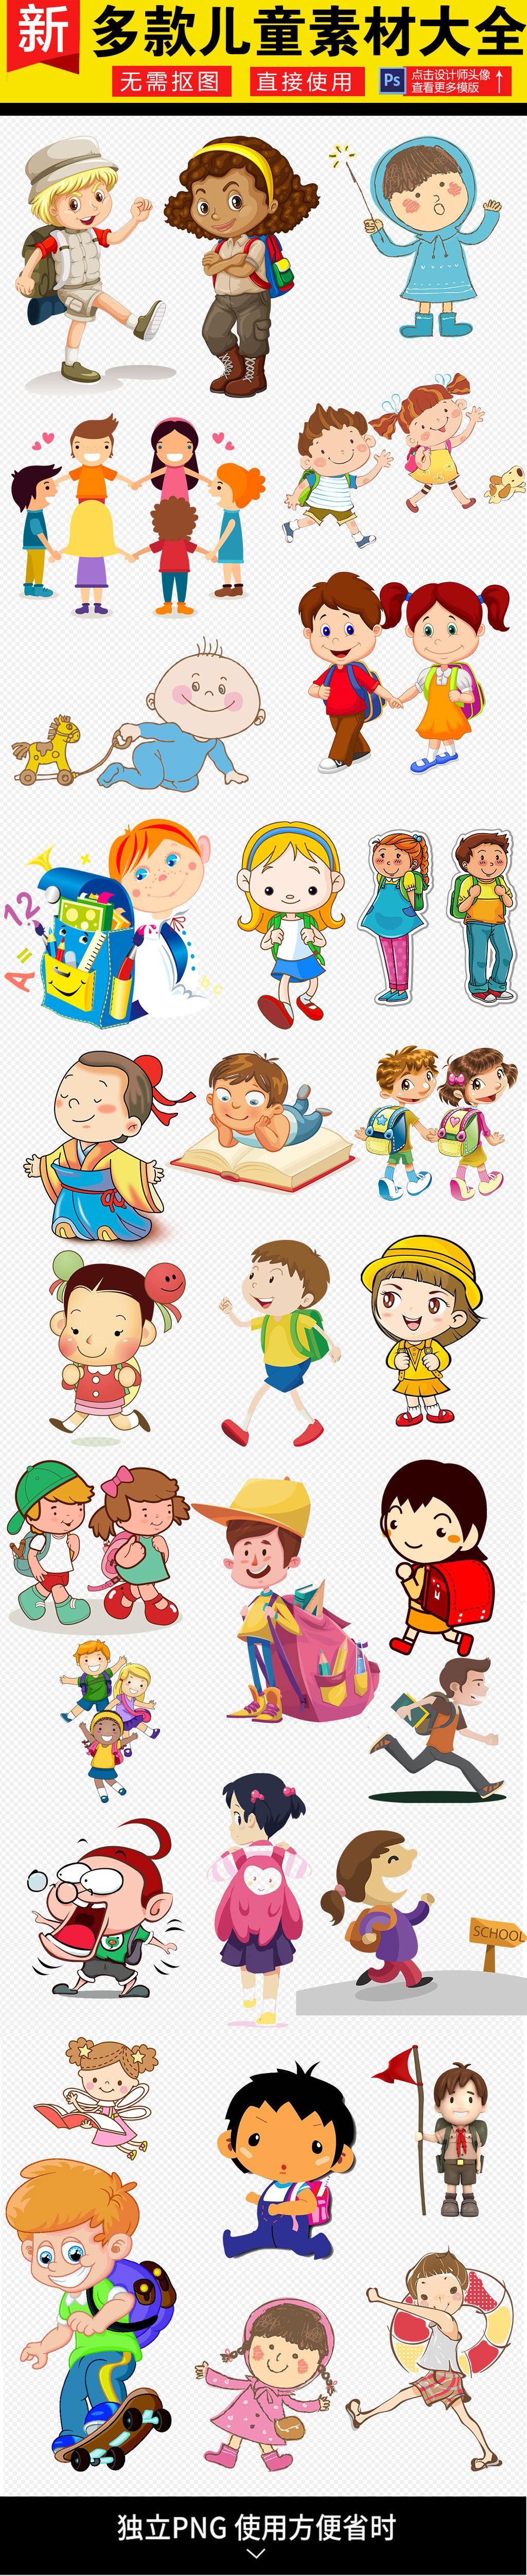 设计元素 人物形象 > 卡通儿童小孩学生幼儿图片素材   图片编号